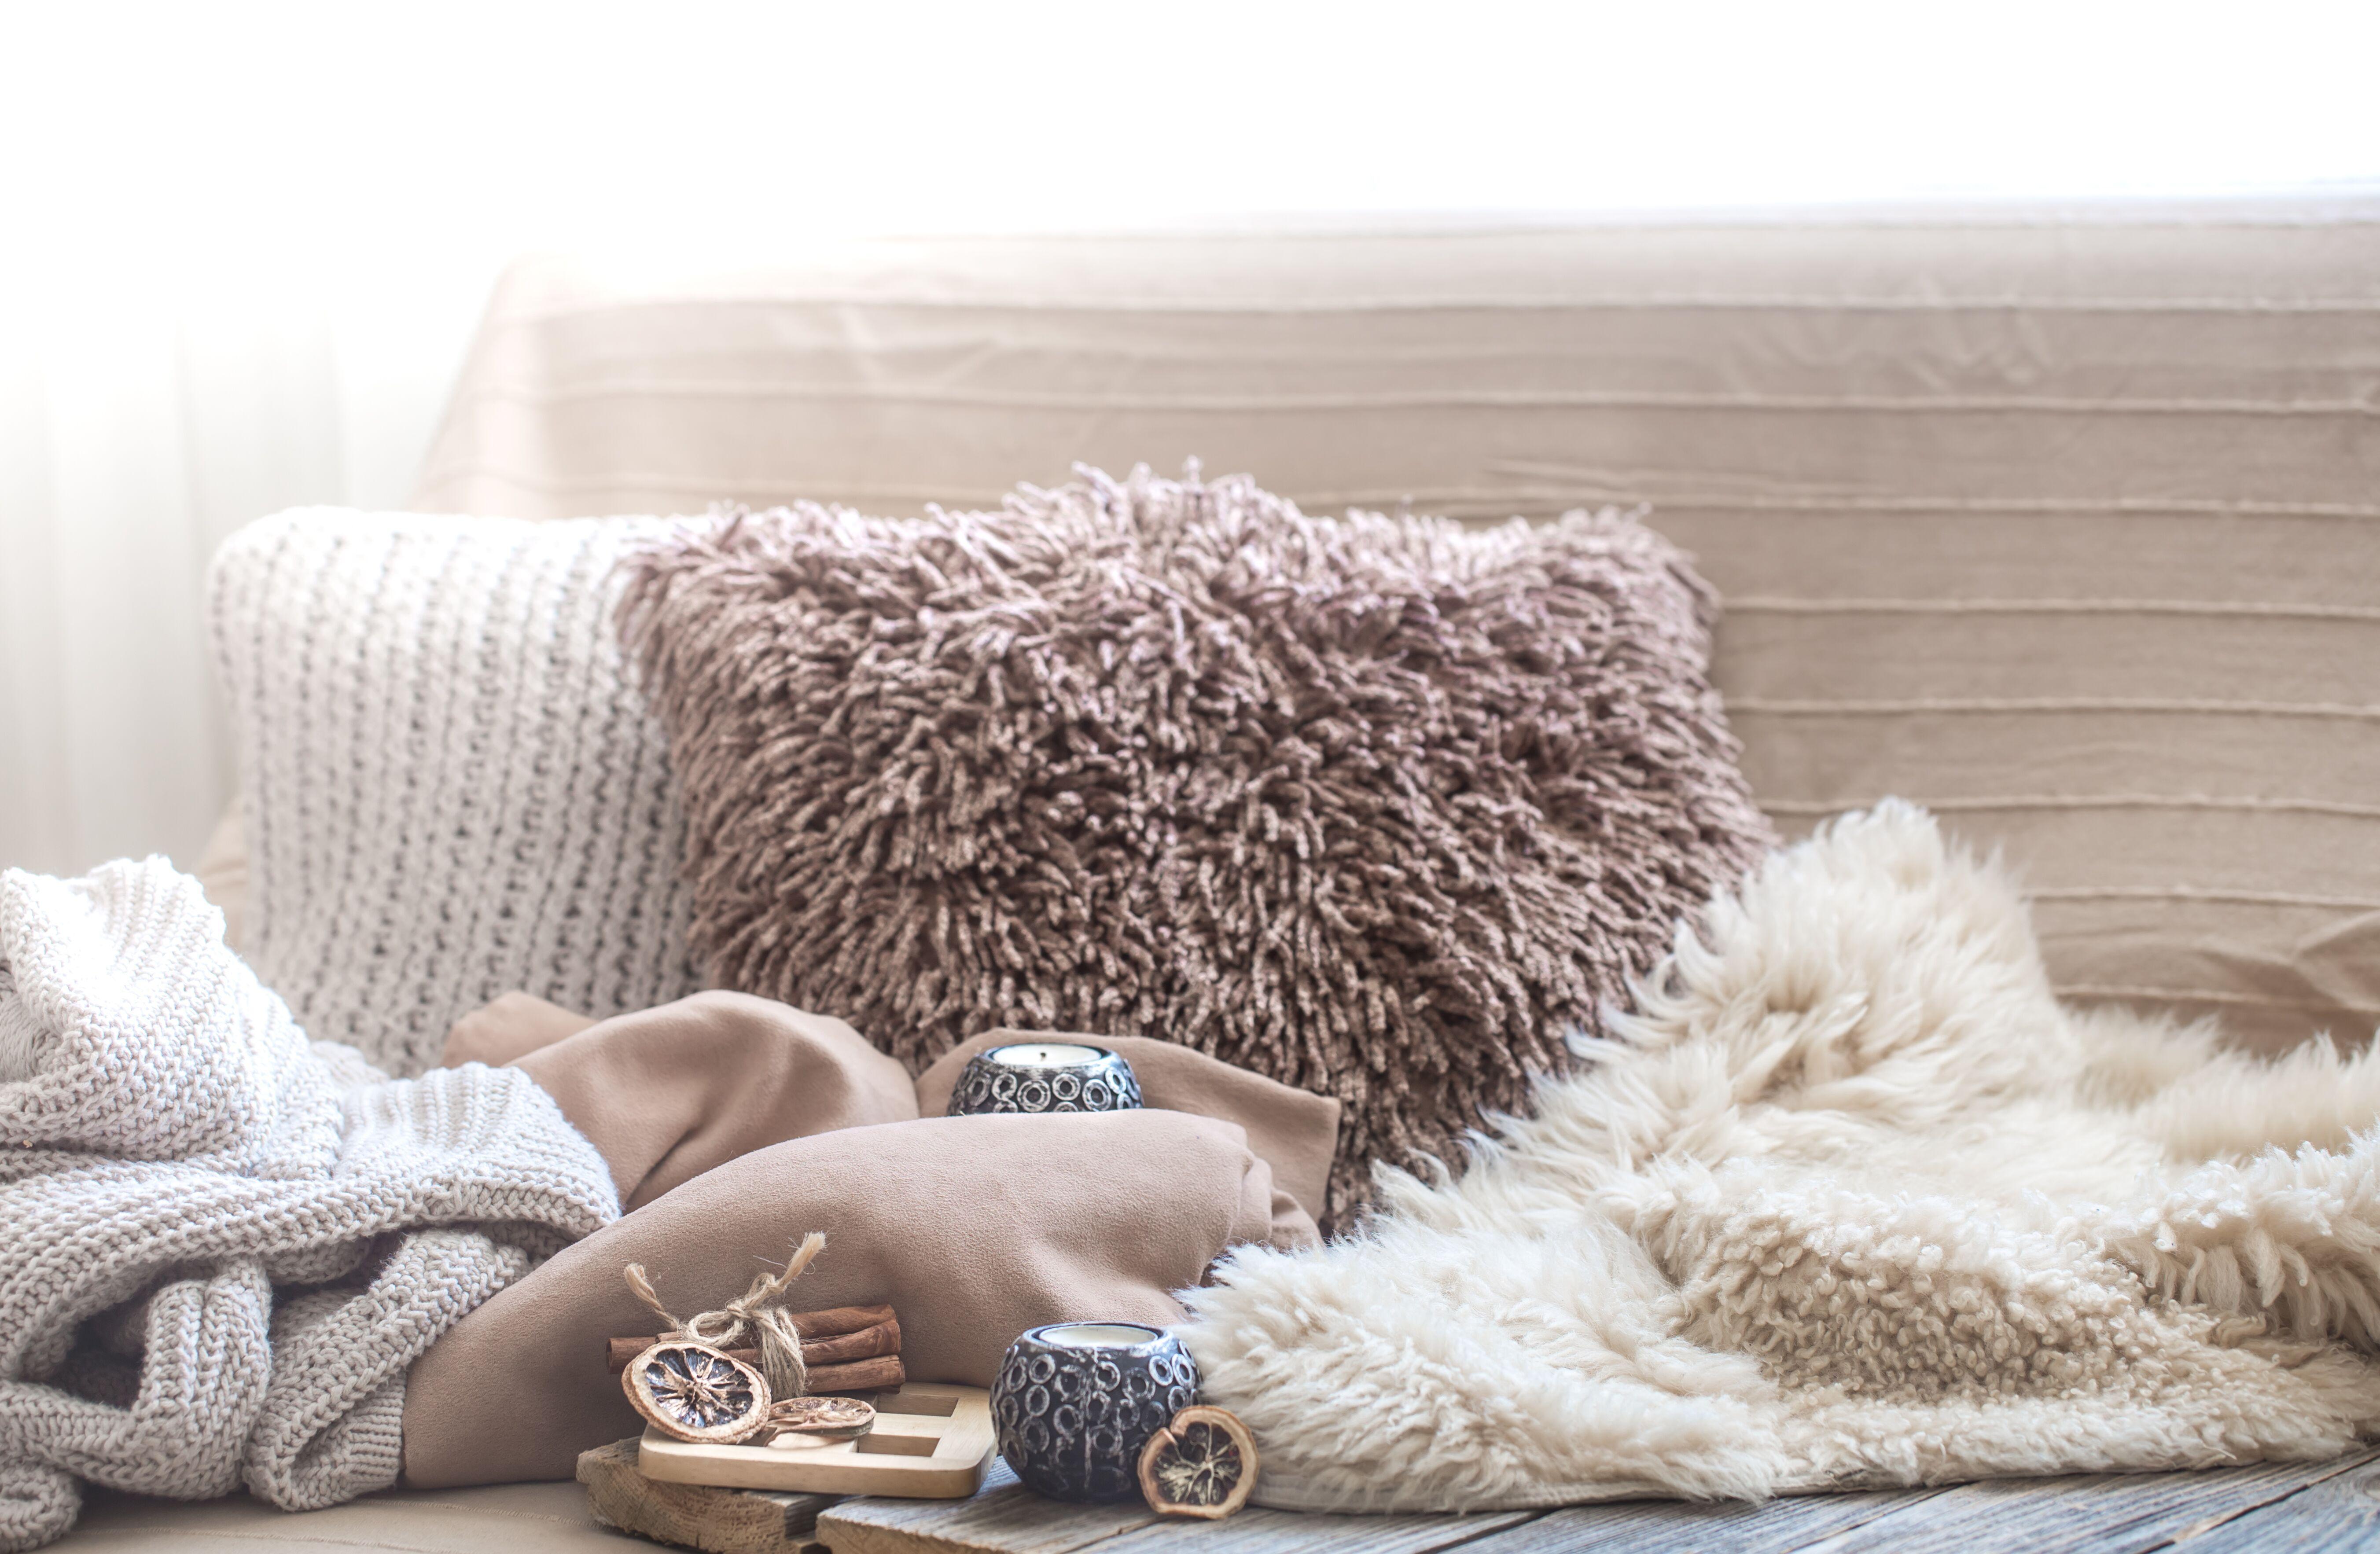 comfort-rugs-cushions.jpeg?mtime=20191204144840#asset:15562